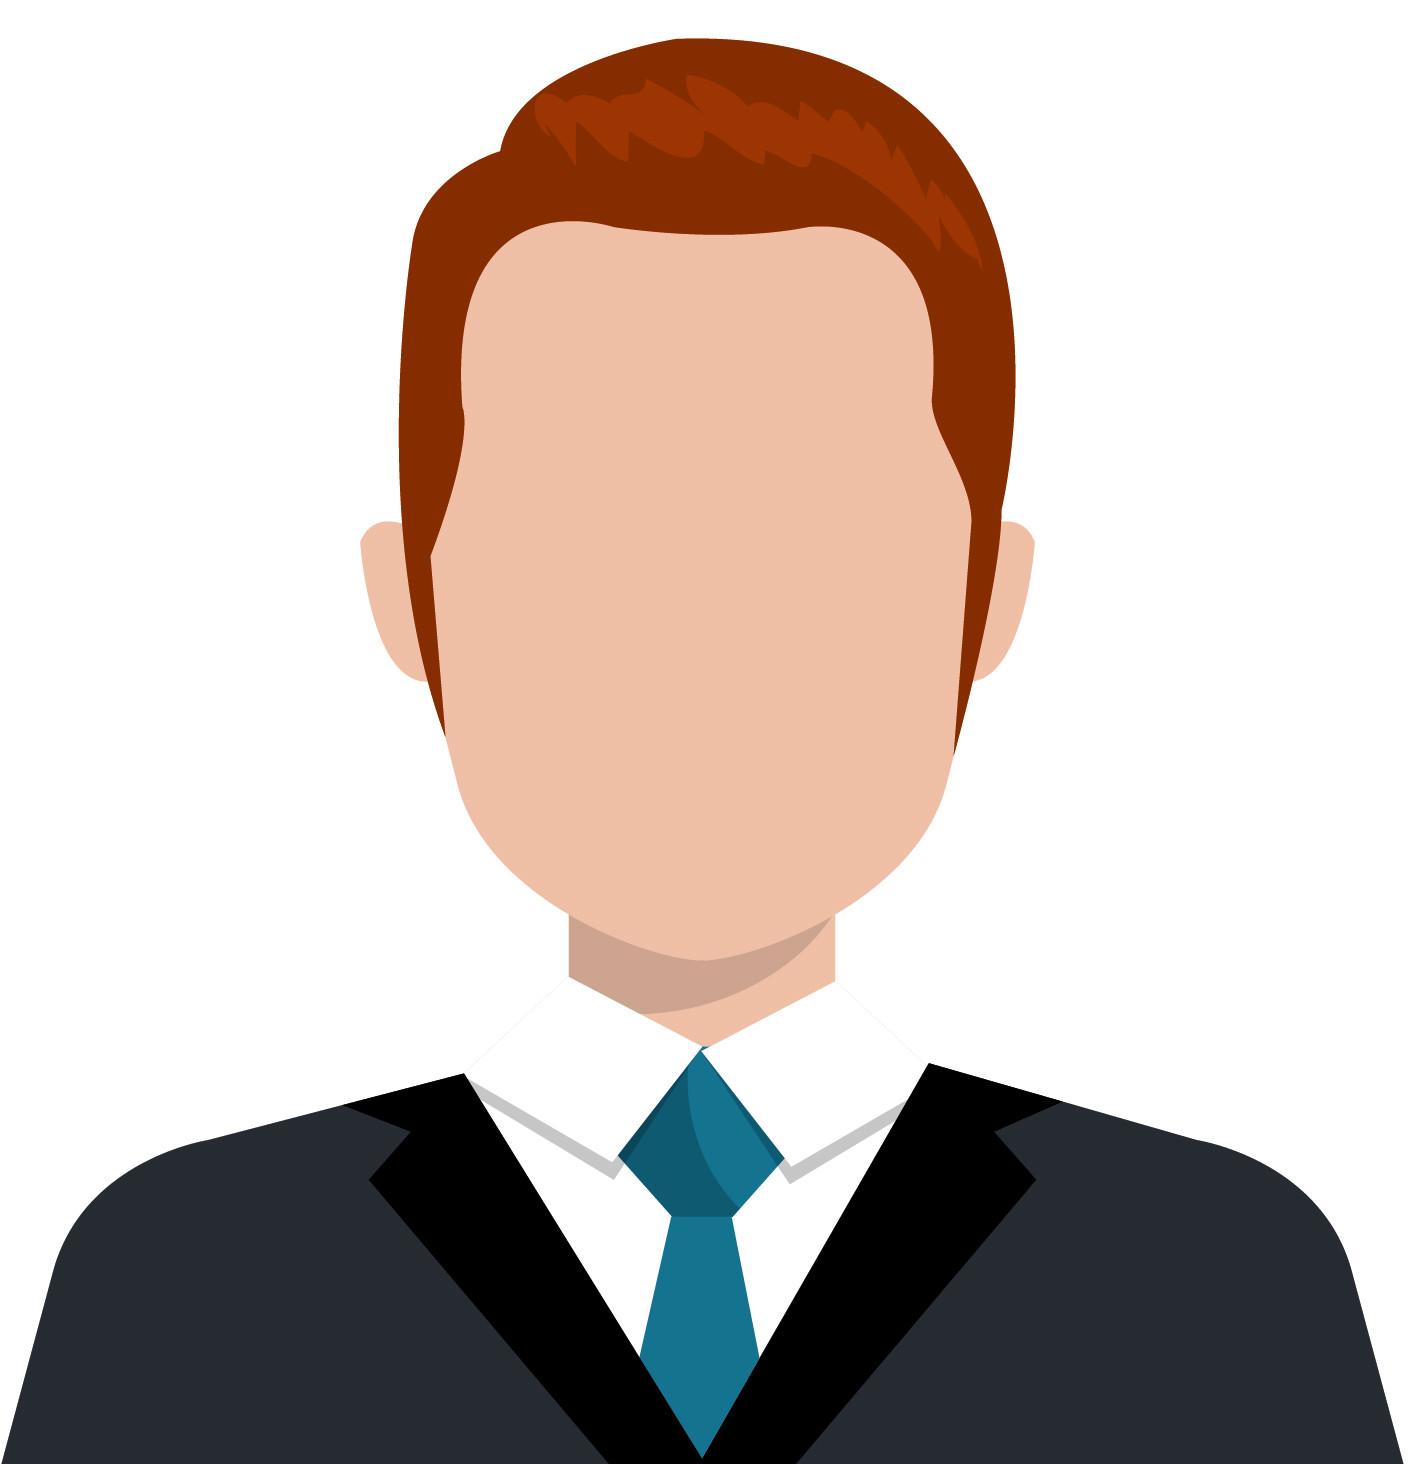 Témoignage-clients-scoqi-logiciel-qulalite logiciel qualité